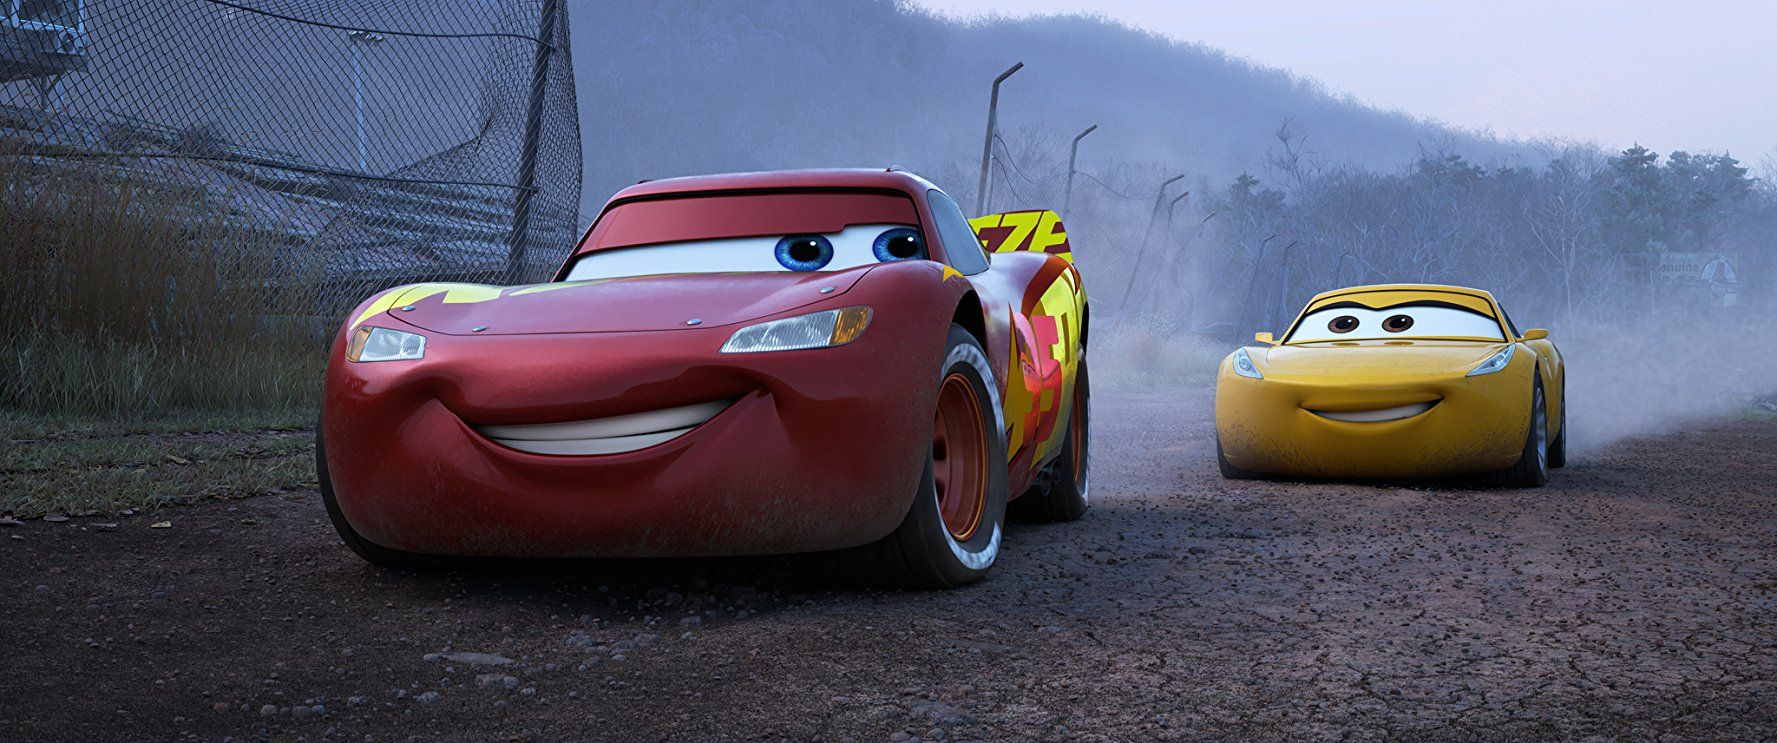 Movies Tv Shows Lightning Mcqueen Cars 3 Lightning Mcqueen